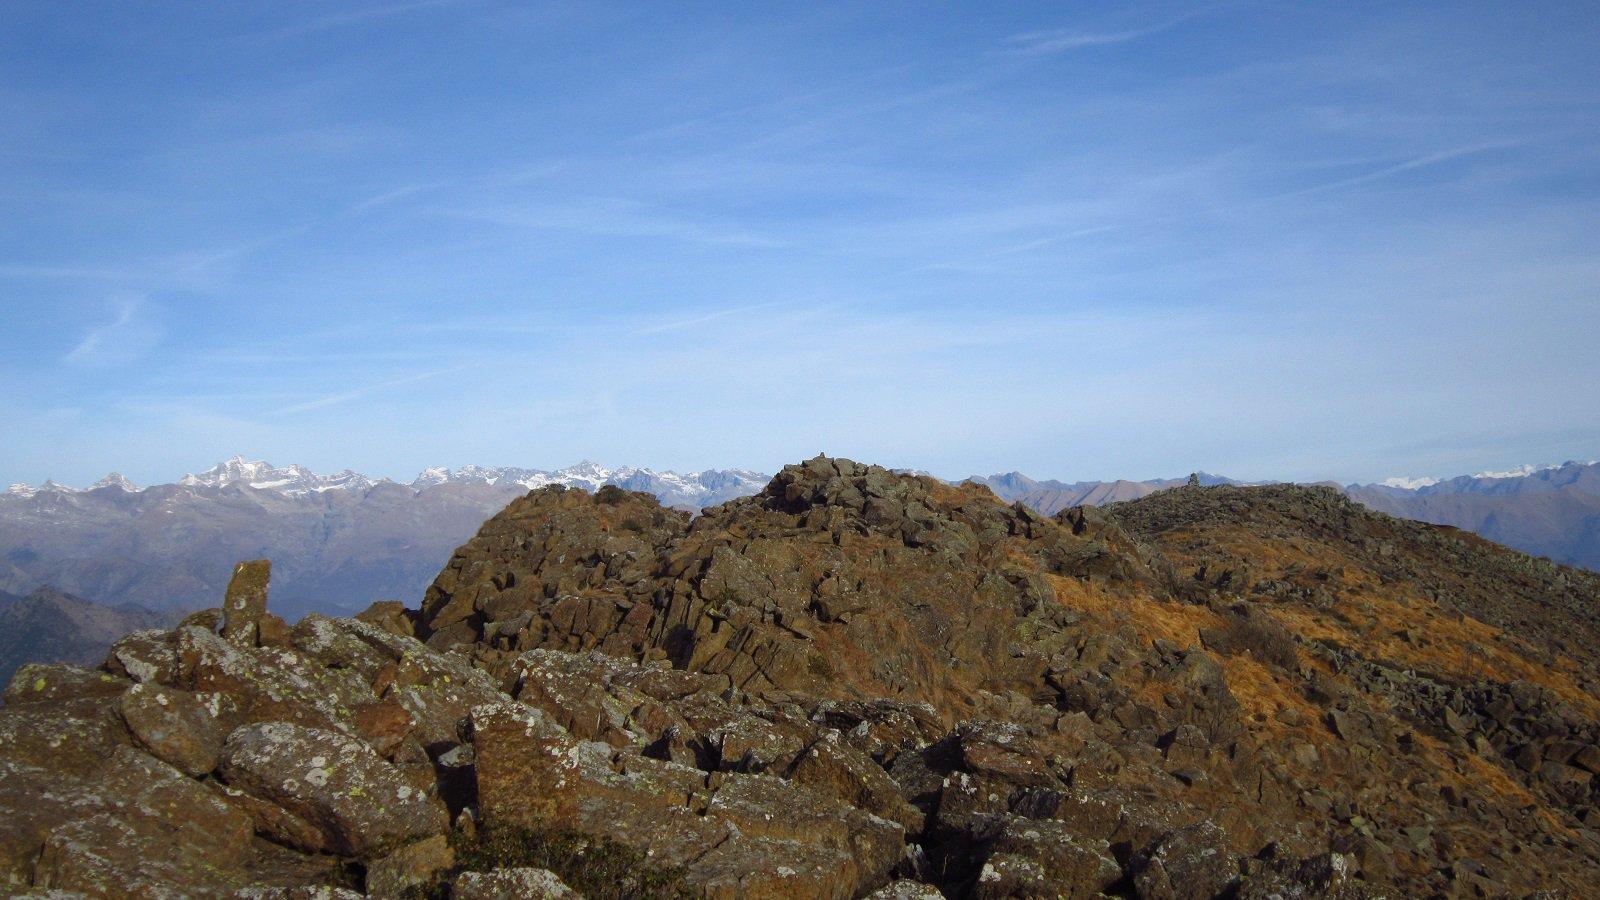 Cresta di rocce e roccette